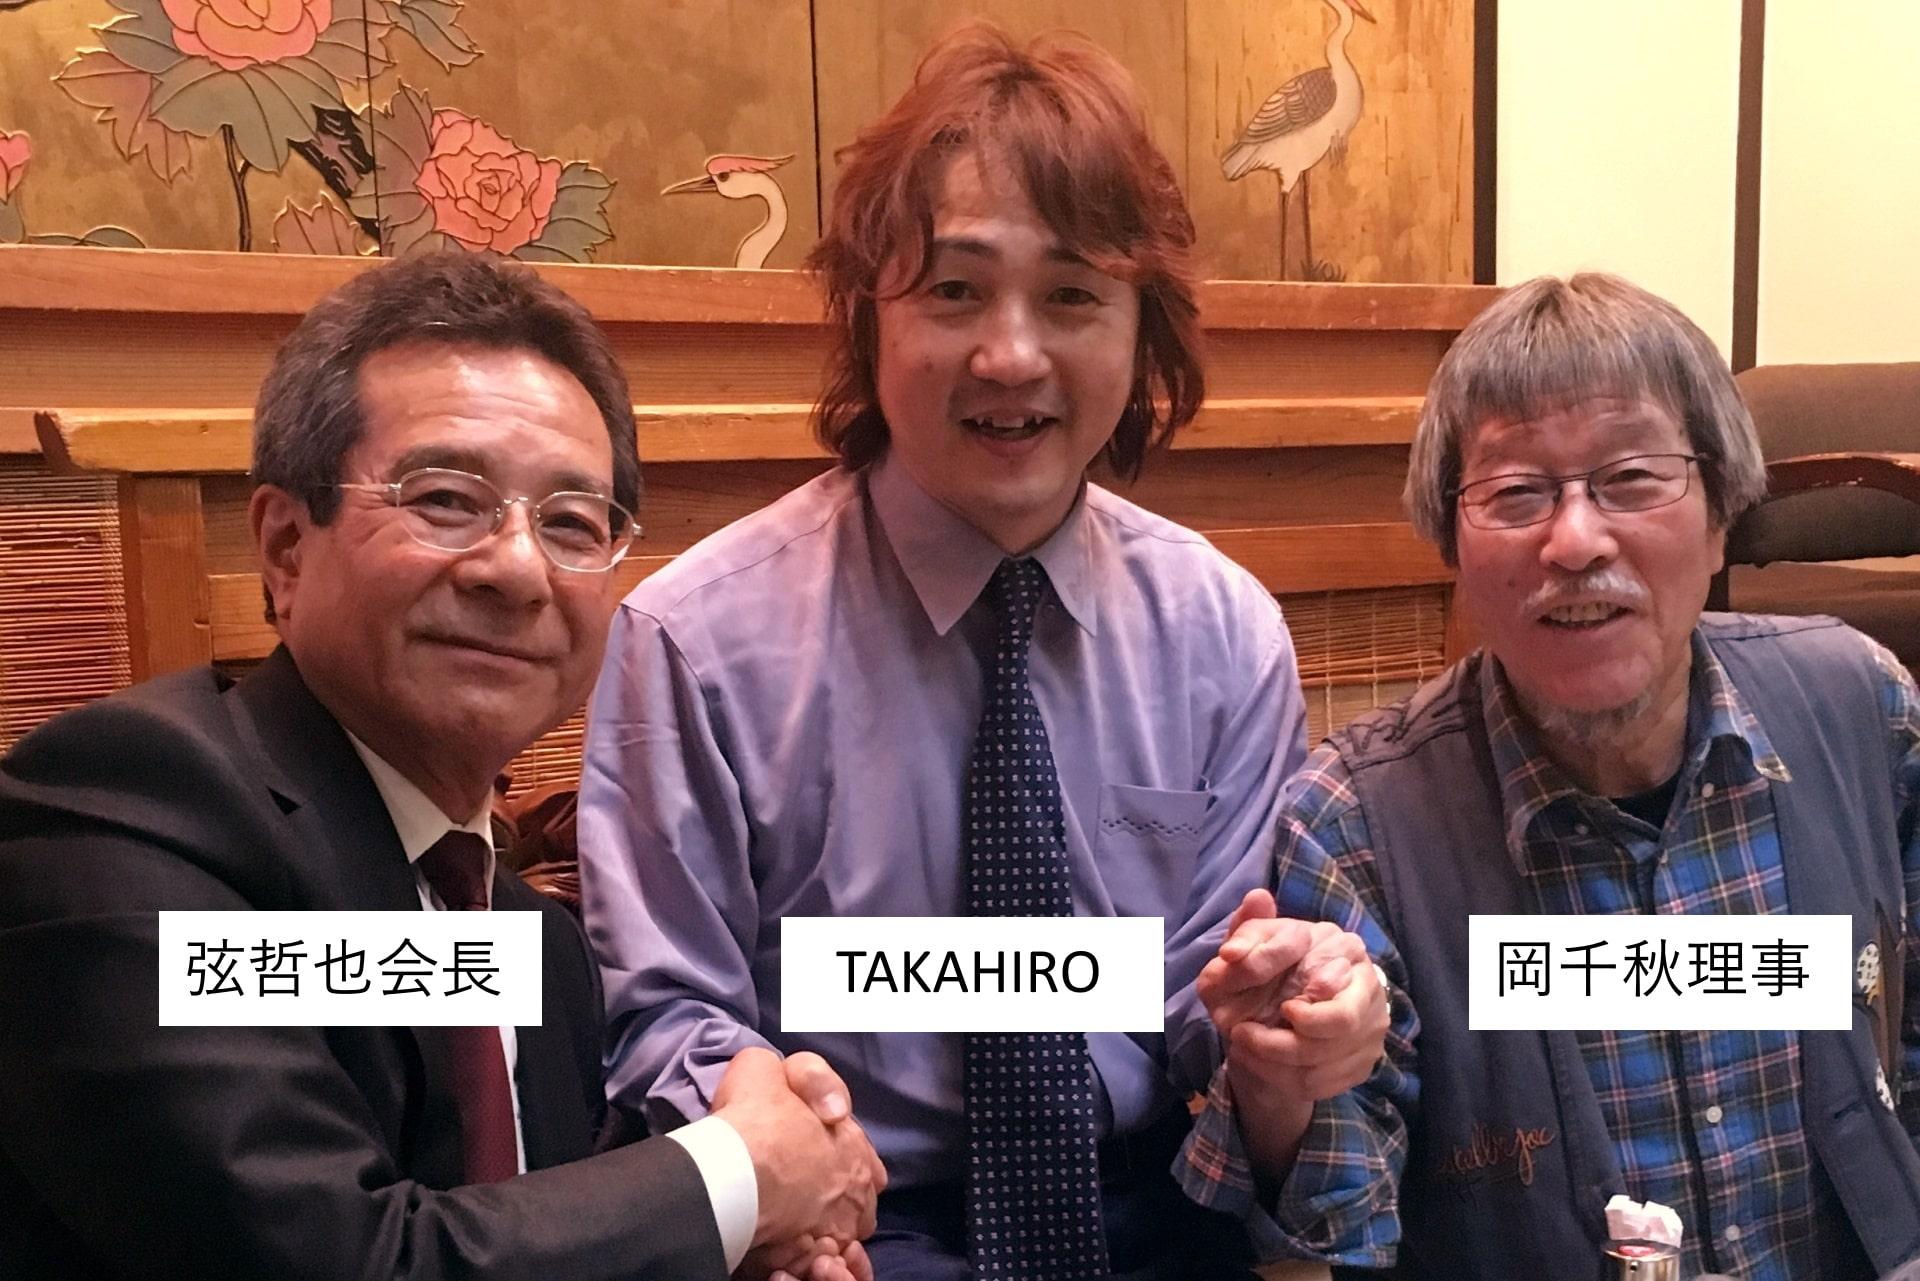 これは(公)日本作曲家協会の写真です